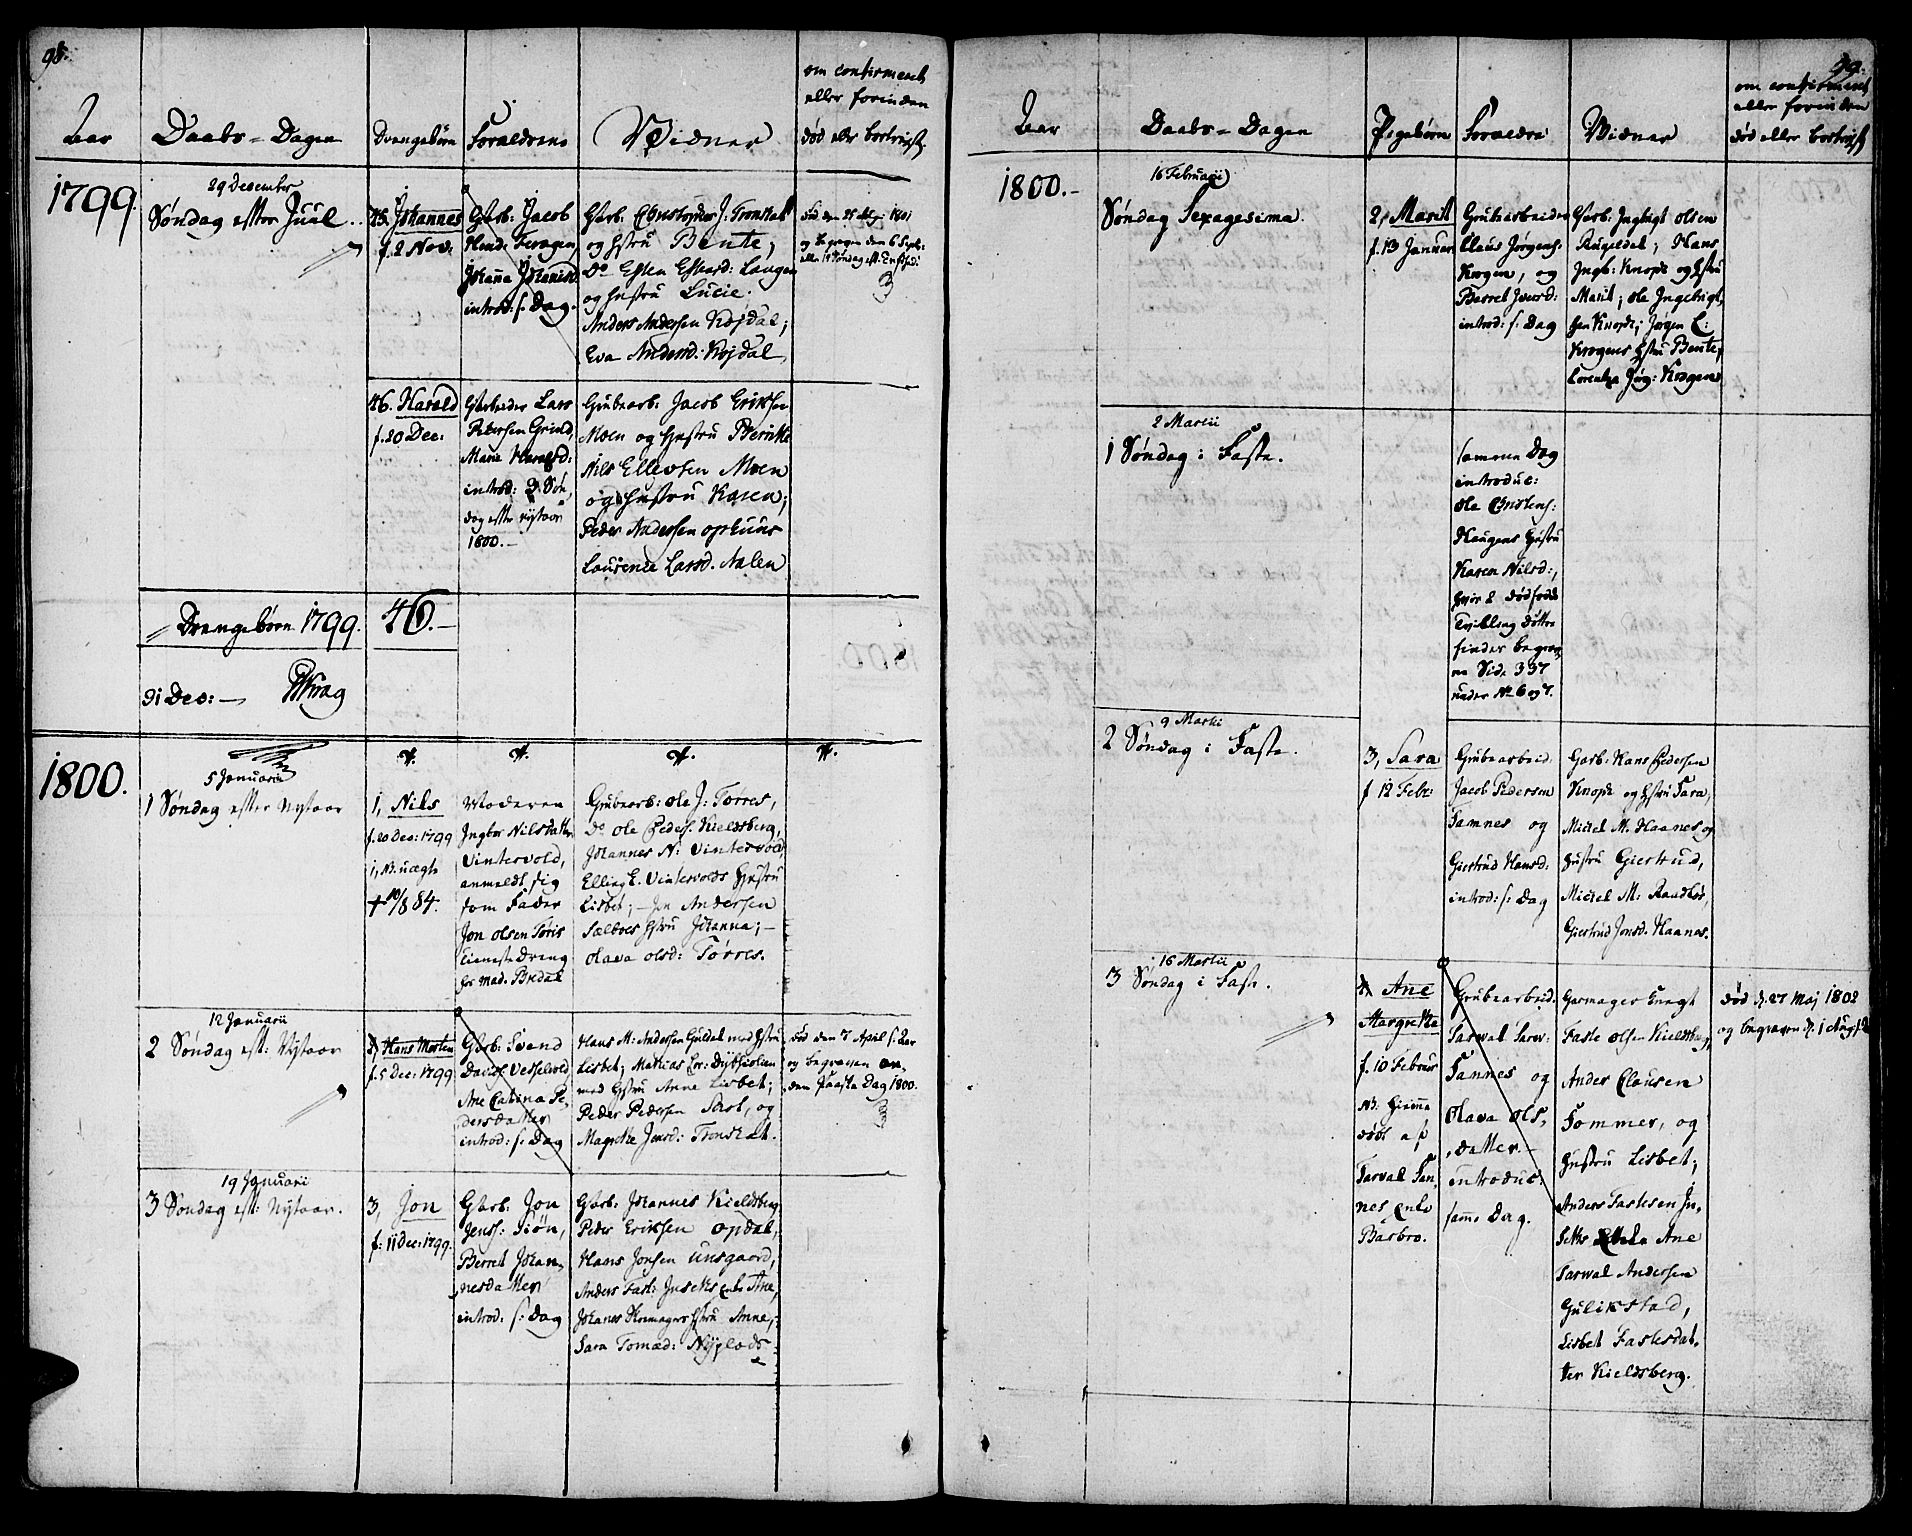 SAT, Ministerialprotokoller, klokkerbøker og fødselsregistre - Sør-Trøndelag, 681/L0927: Ministerialbok nr. 681A05, 1798-1808, s. 98-99